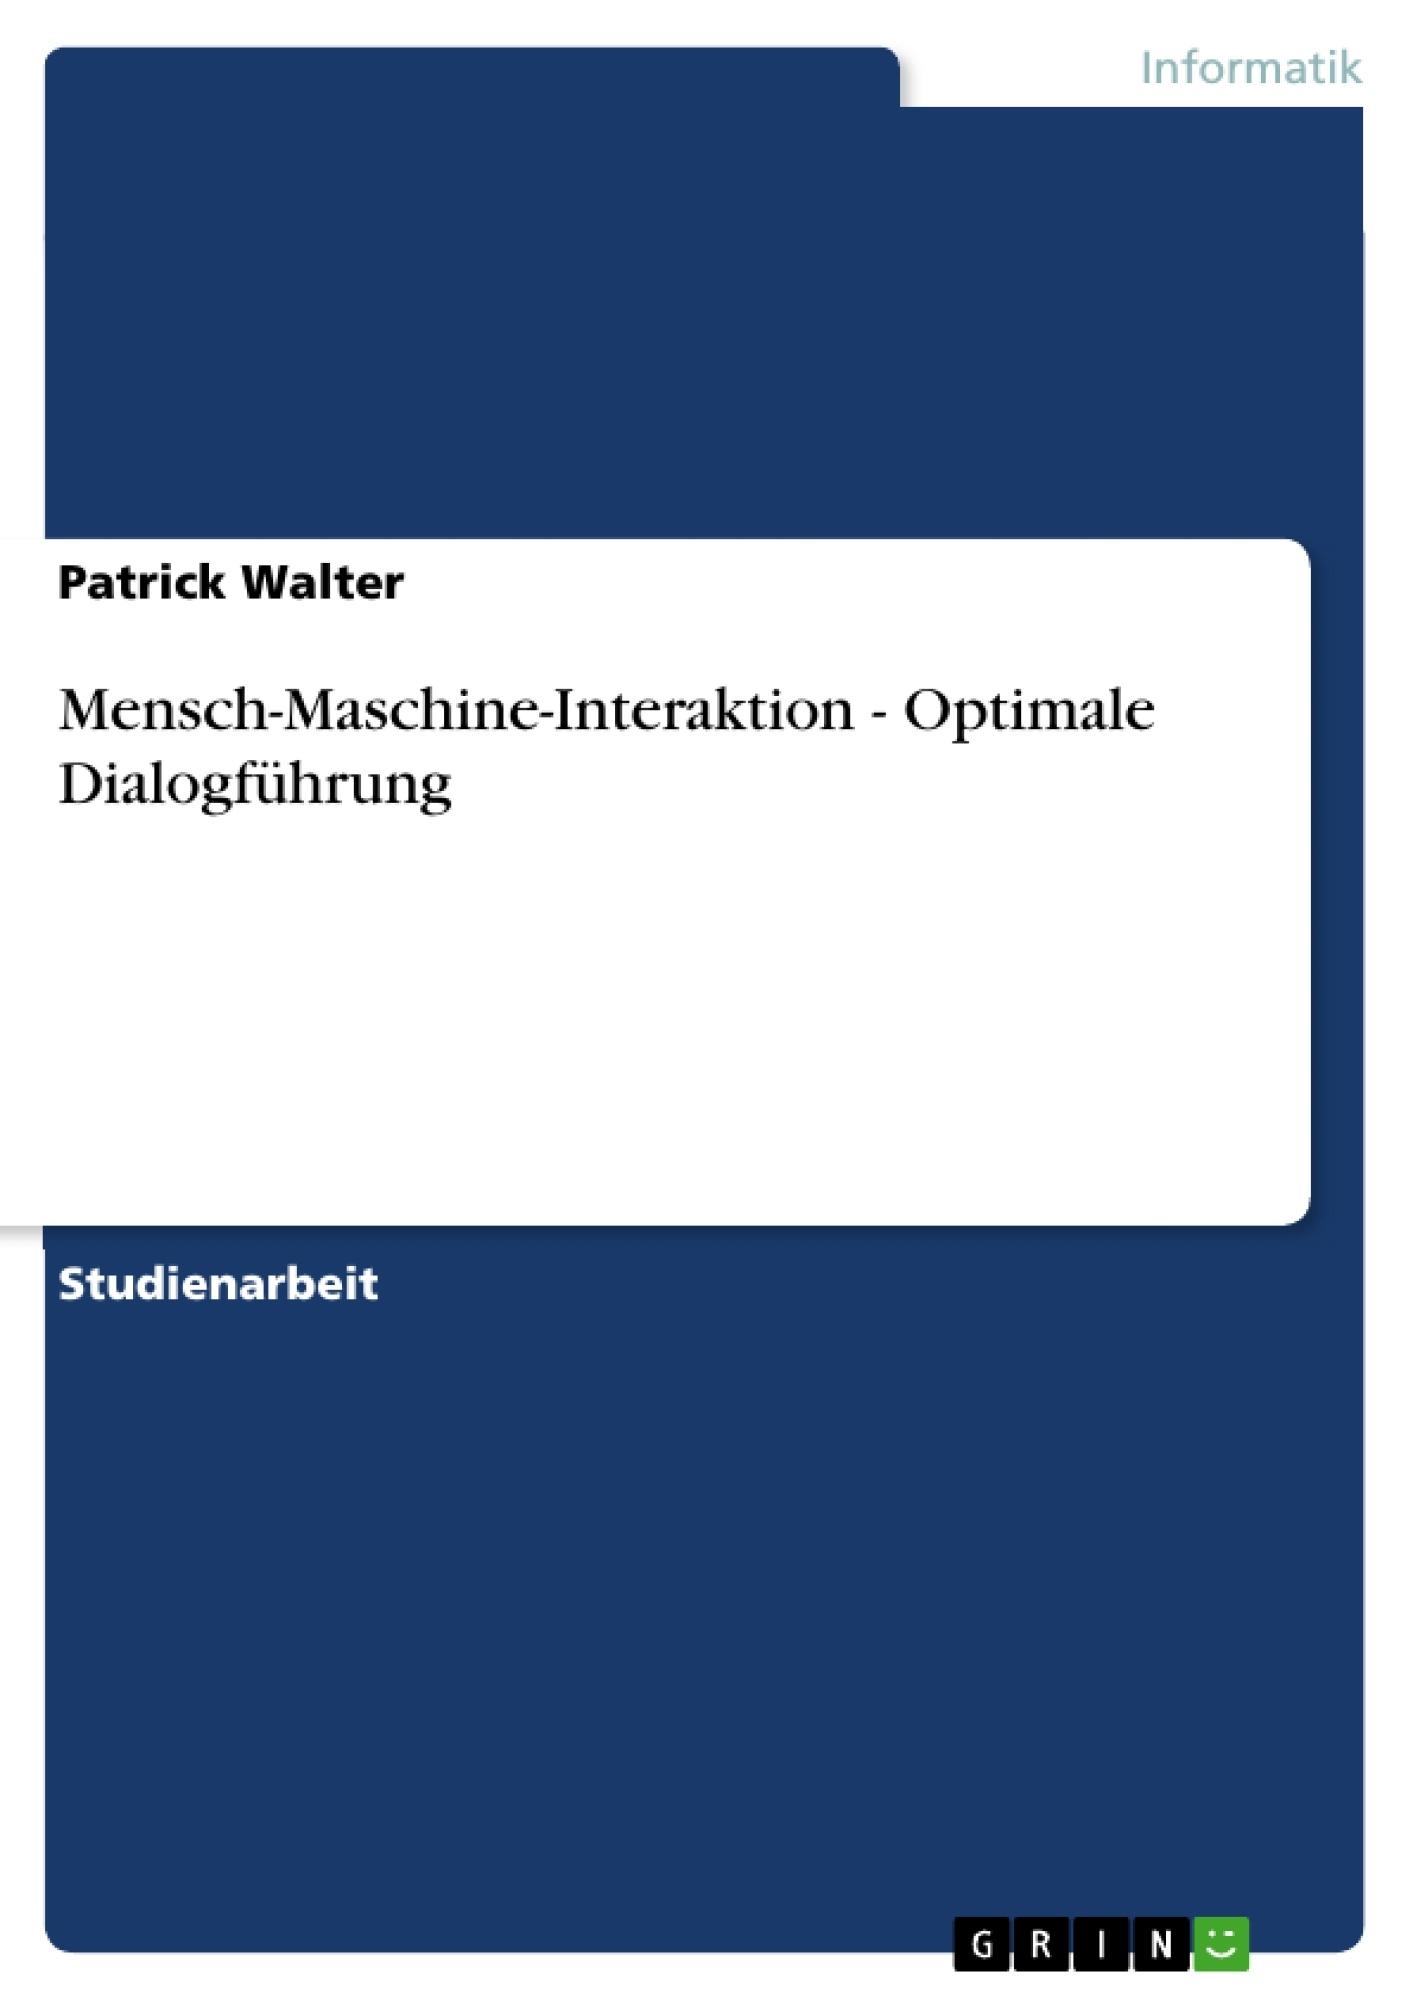 Titel: Mensch-Maschine-Interaktion - Optimale Dialogführung